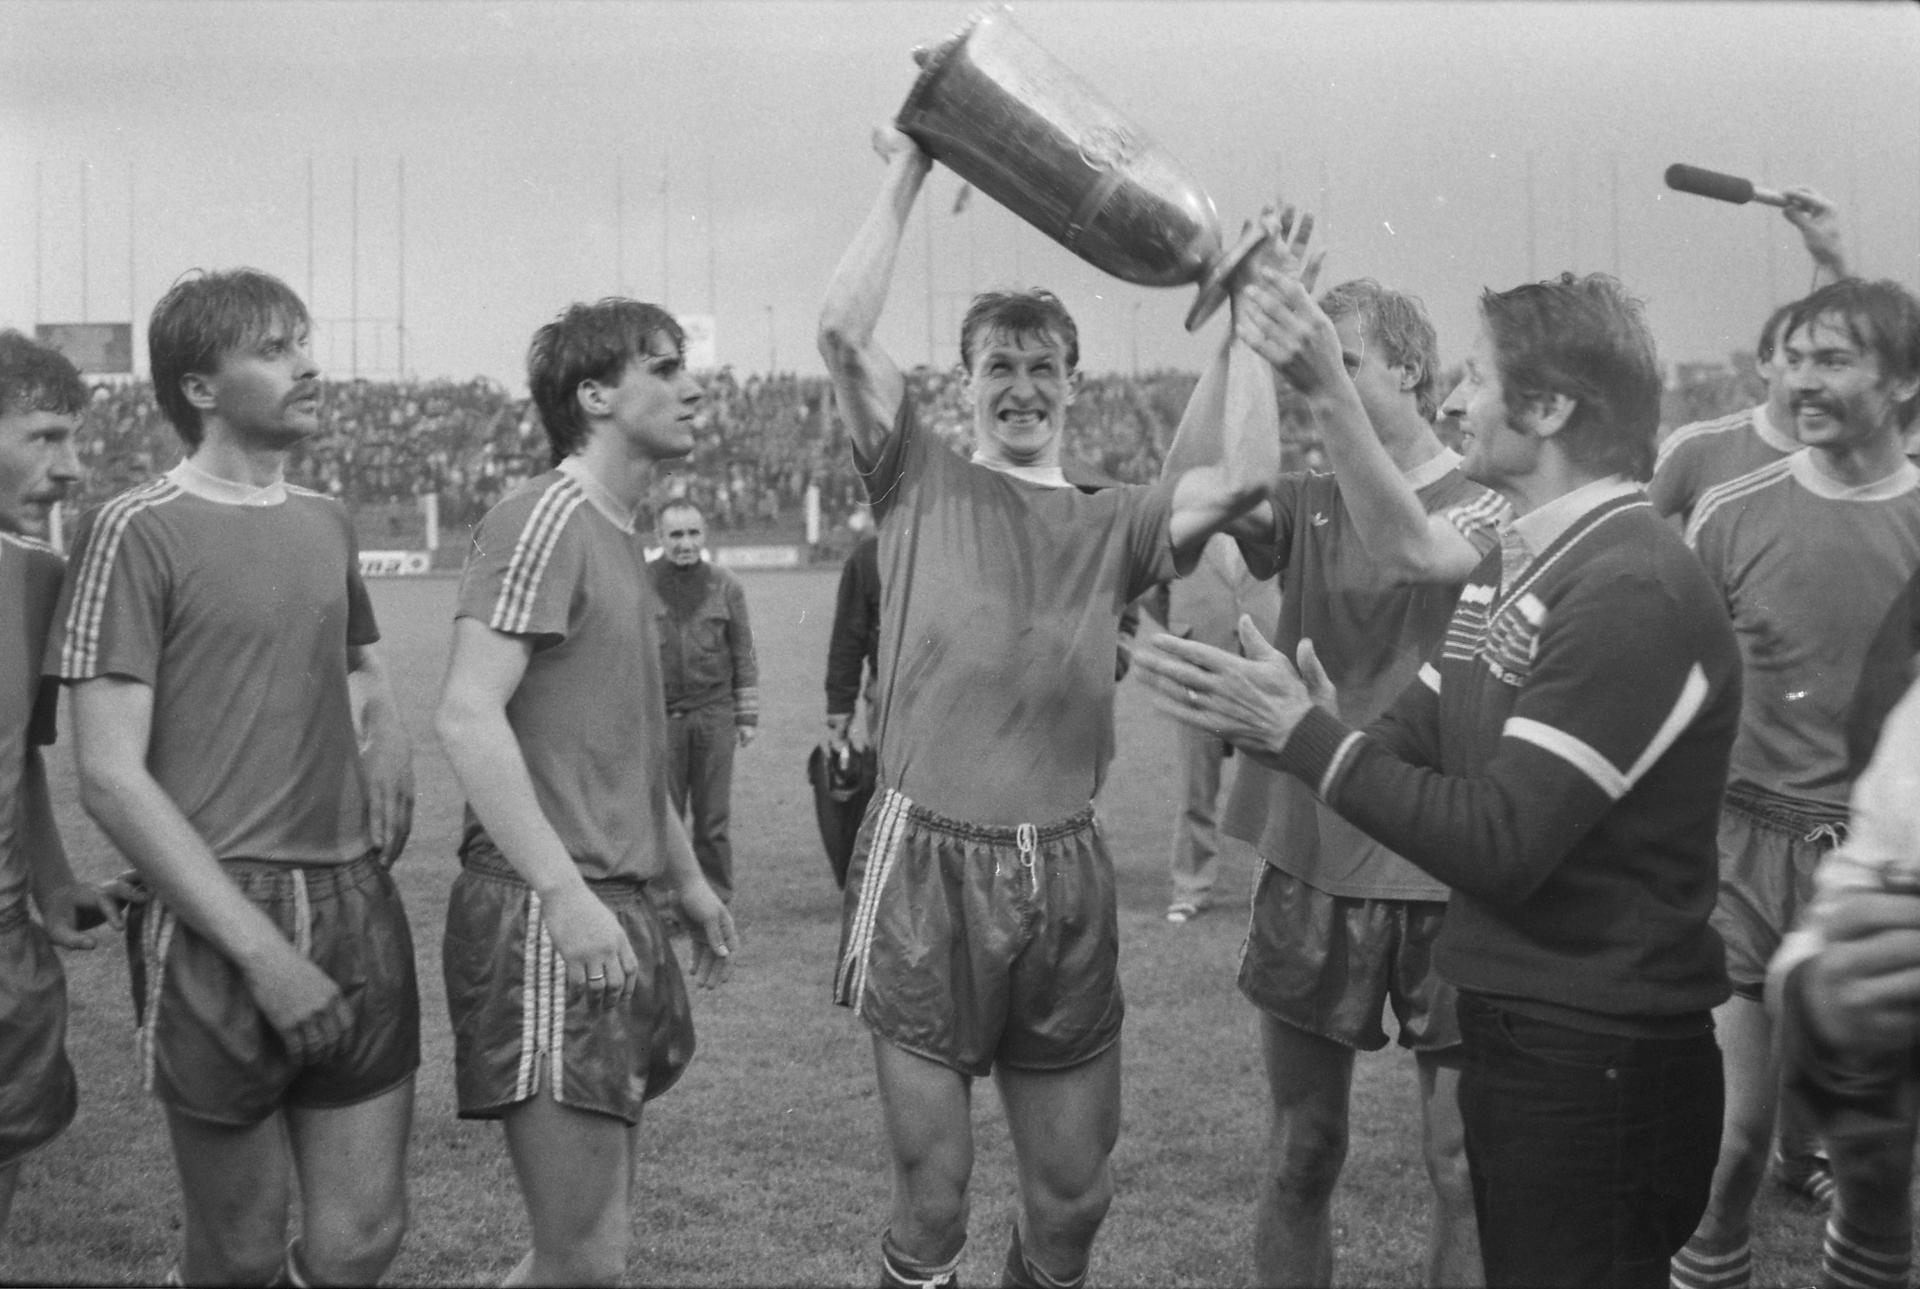 Radość piłkarzy Widzewa po meczu Widzew Łódź - GKS Katowice 0:0, k. 3:1 (26.06.1985).